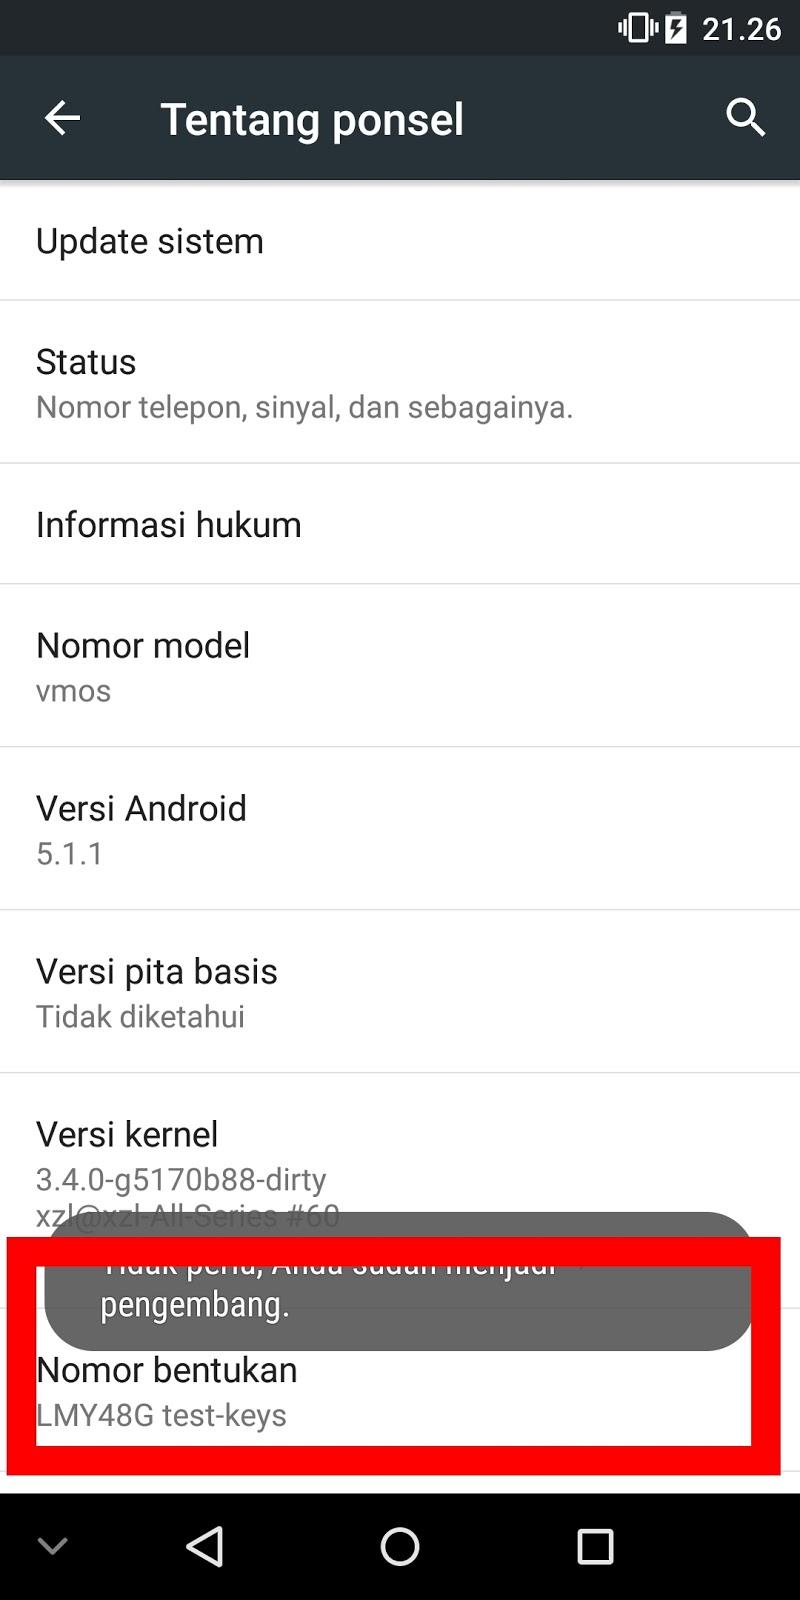 vmos pokemon go download vmos vmos virtual virtual android on android download vmos 1.0 49 vmos 1.0 49 apk download vmos 1.0 47 vmos root apk